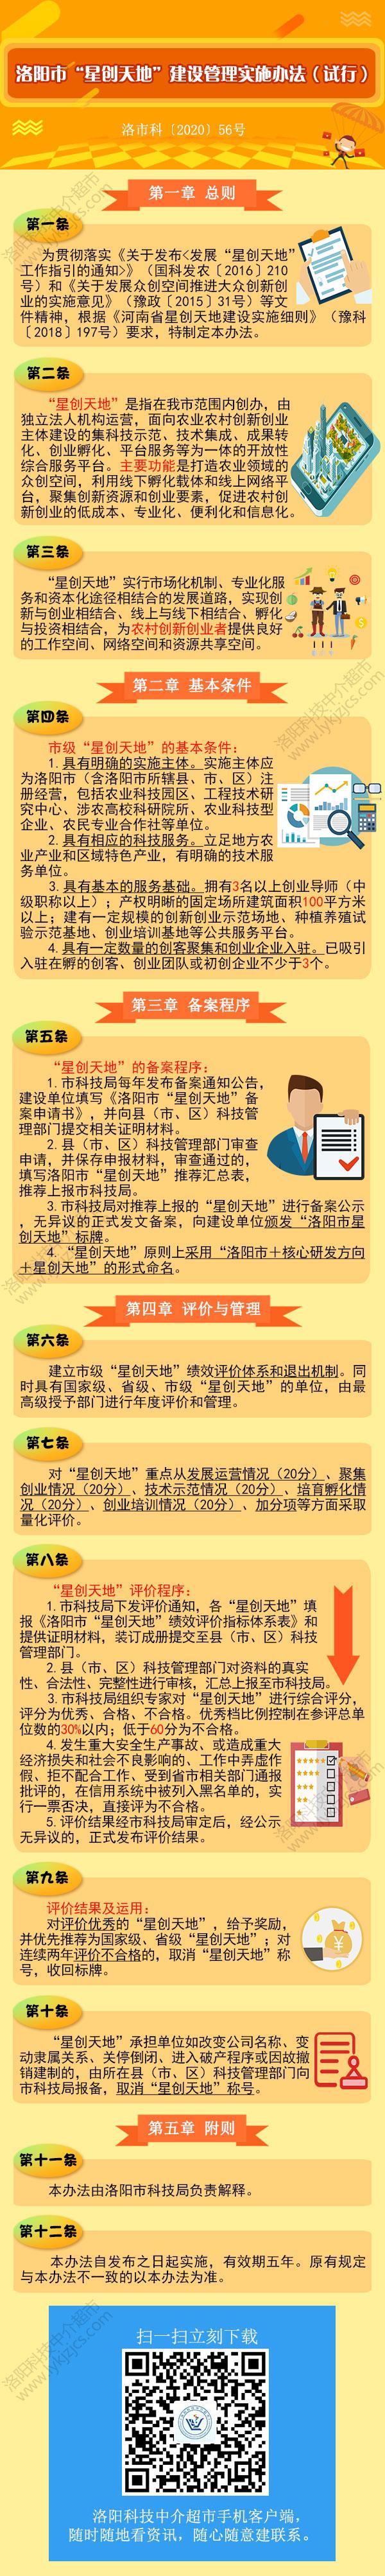 """洛阳市""""星创天地""""建设管理实施办法(试行).jpg"""